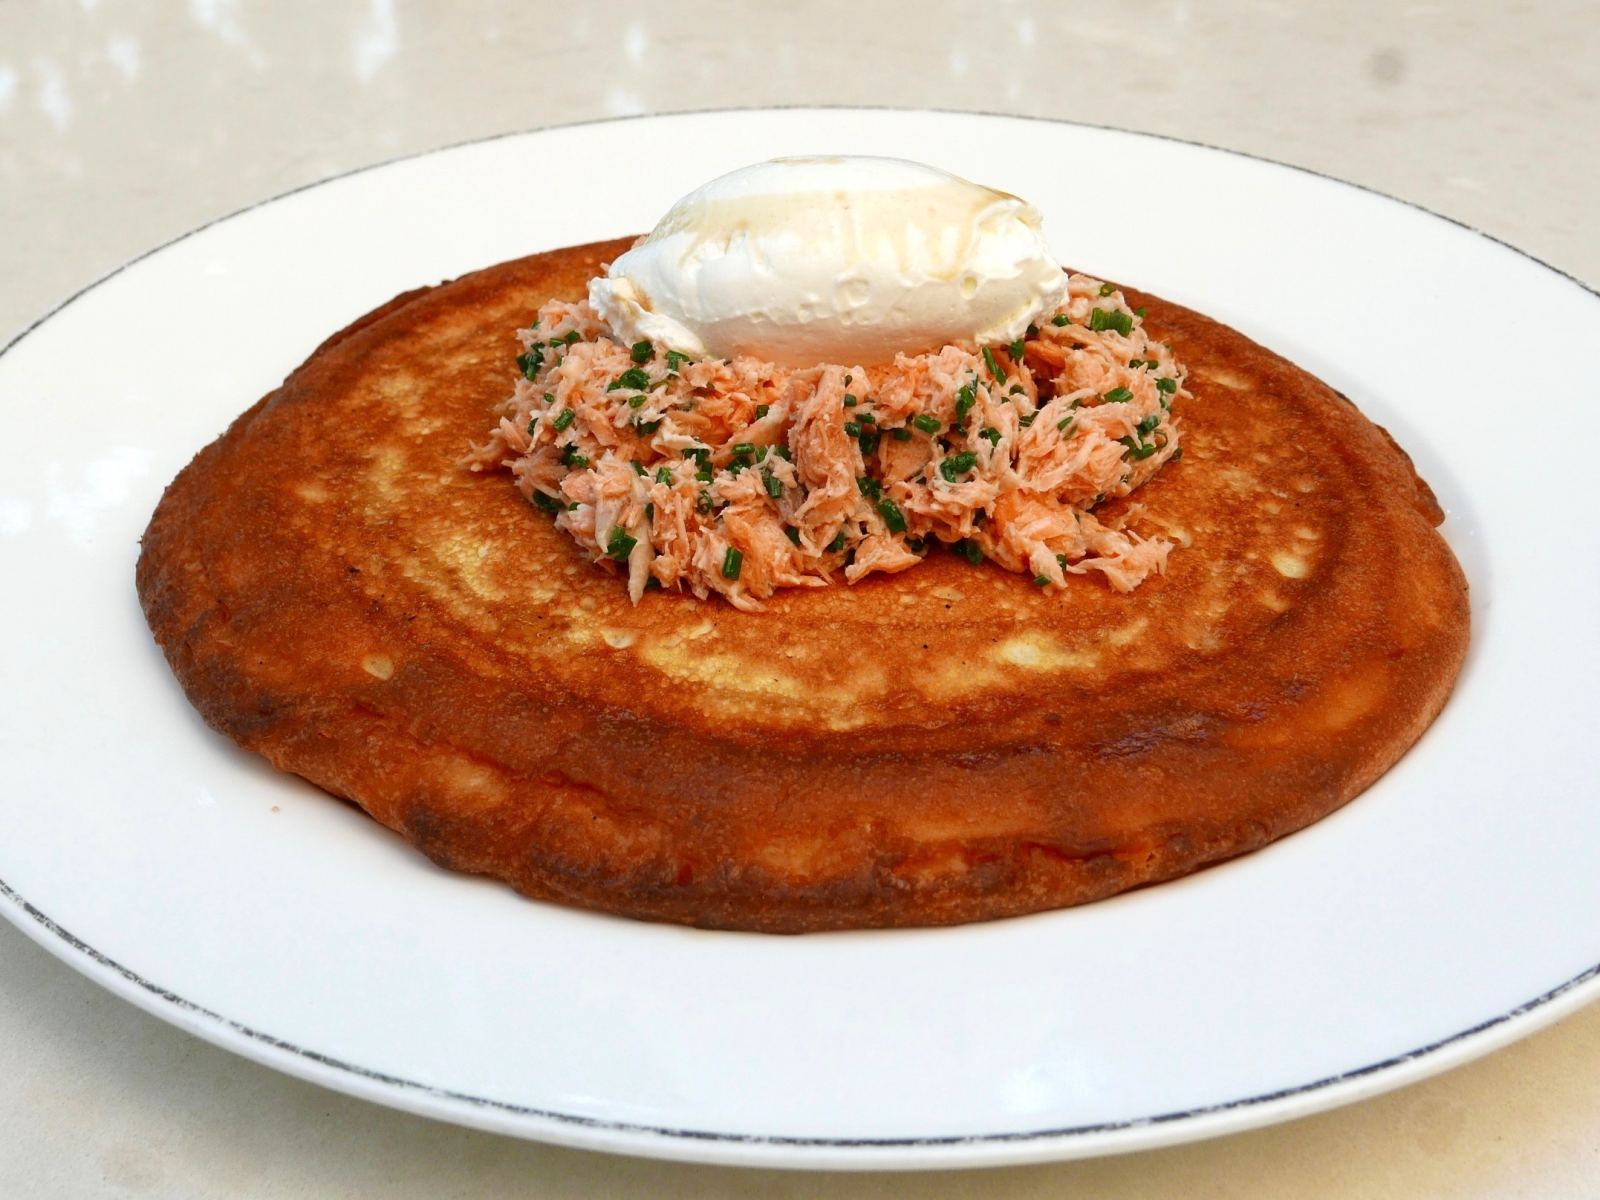 Kippered Salmon Pancake at Freedman's